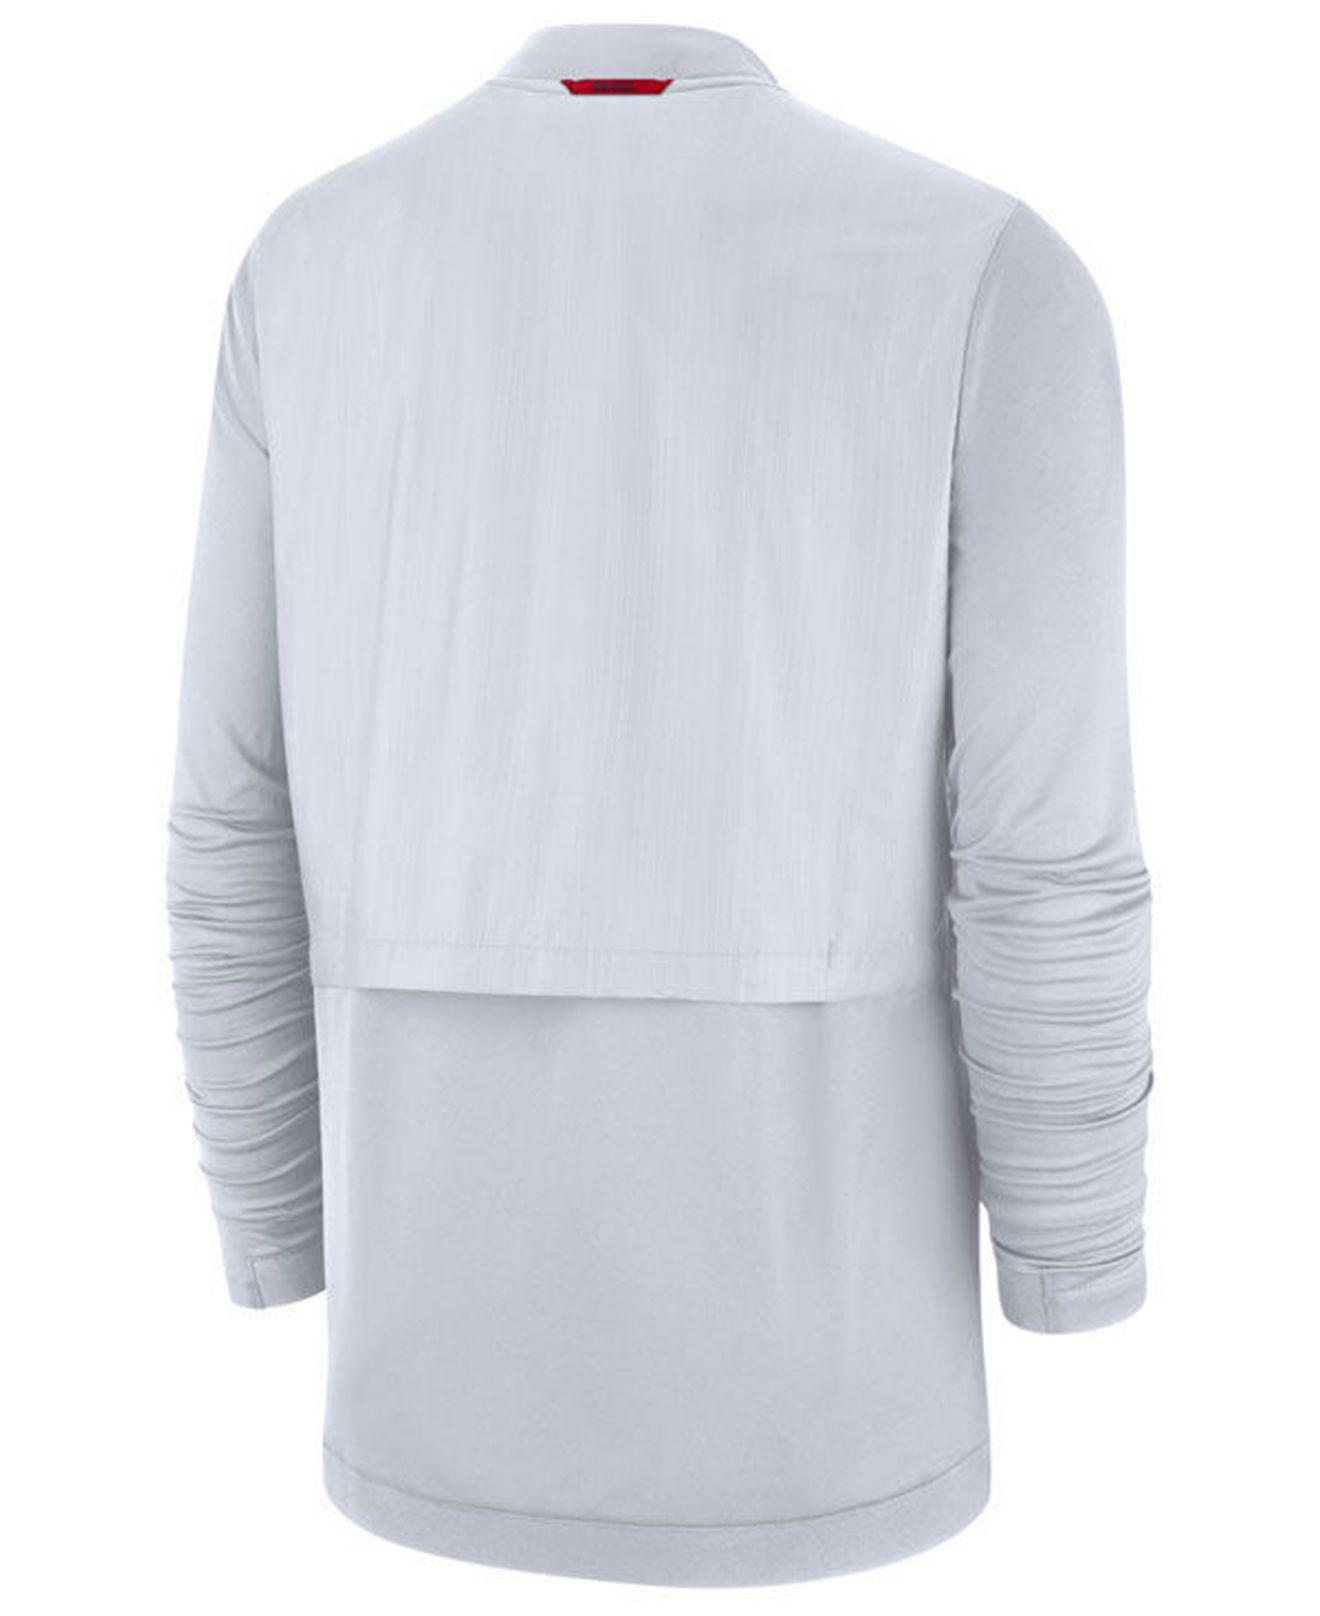 90fe9a338c15 Lyst - Nike Ohio State Buckeyes Elite Hybrid Full-zip Jacket in White for  Men